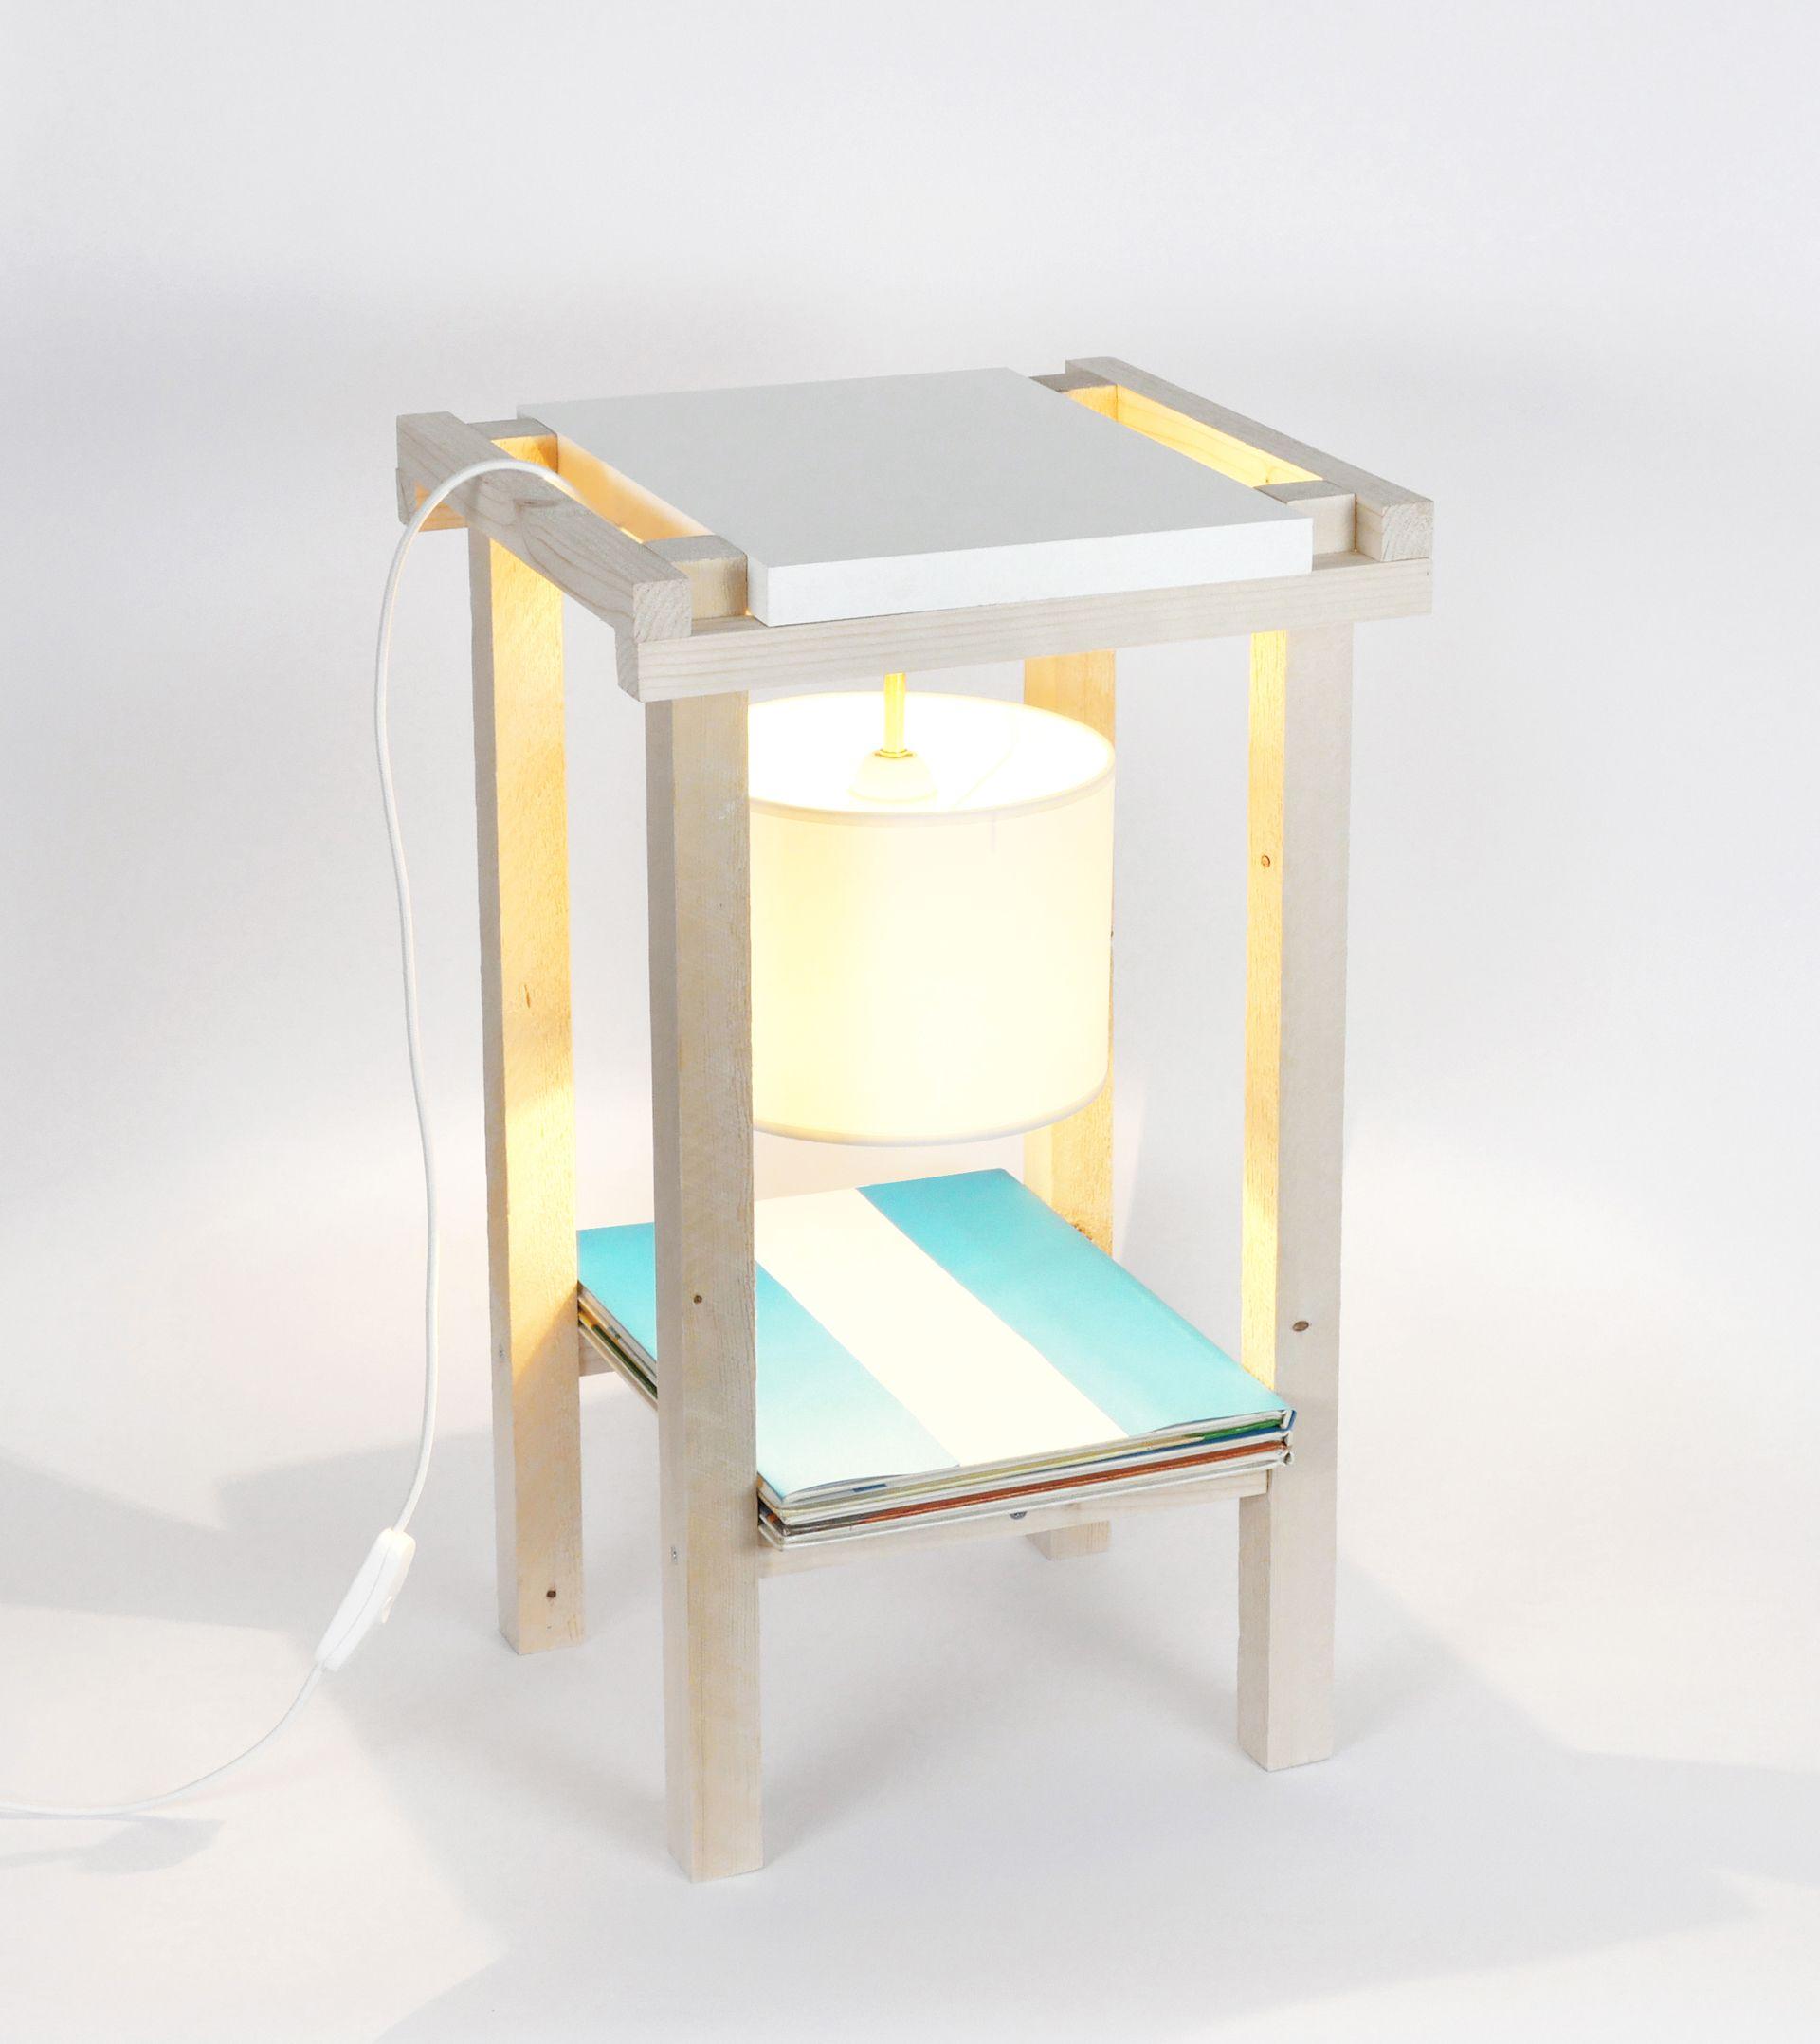 make it table de chevet ralise par pierre lota en partenariat avec leroy merlin pour - Table De Chevet Leroy Merlin